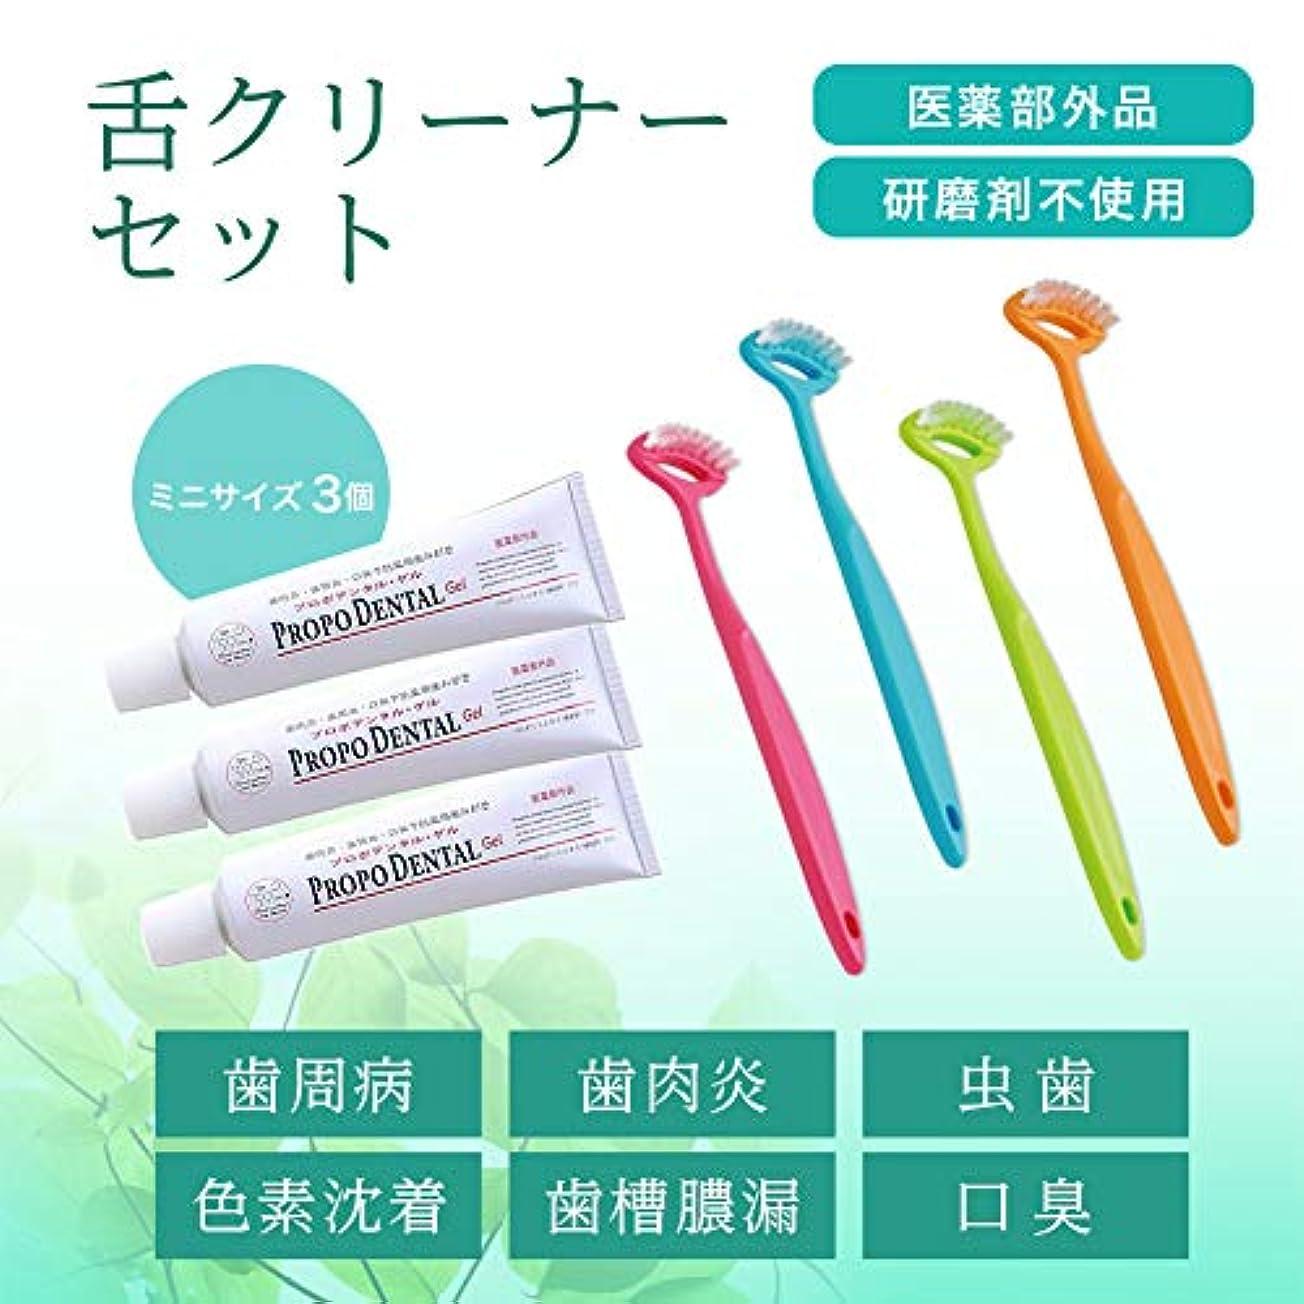 ハブブカメラ湿った口臭予防 舌クリーニングセット 歯磨き 舌磨き 舌クリーナー はみがき 歯磨きジェル (ゲルのミニ3本+舌クリーナー)